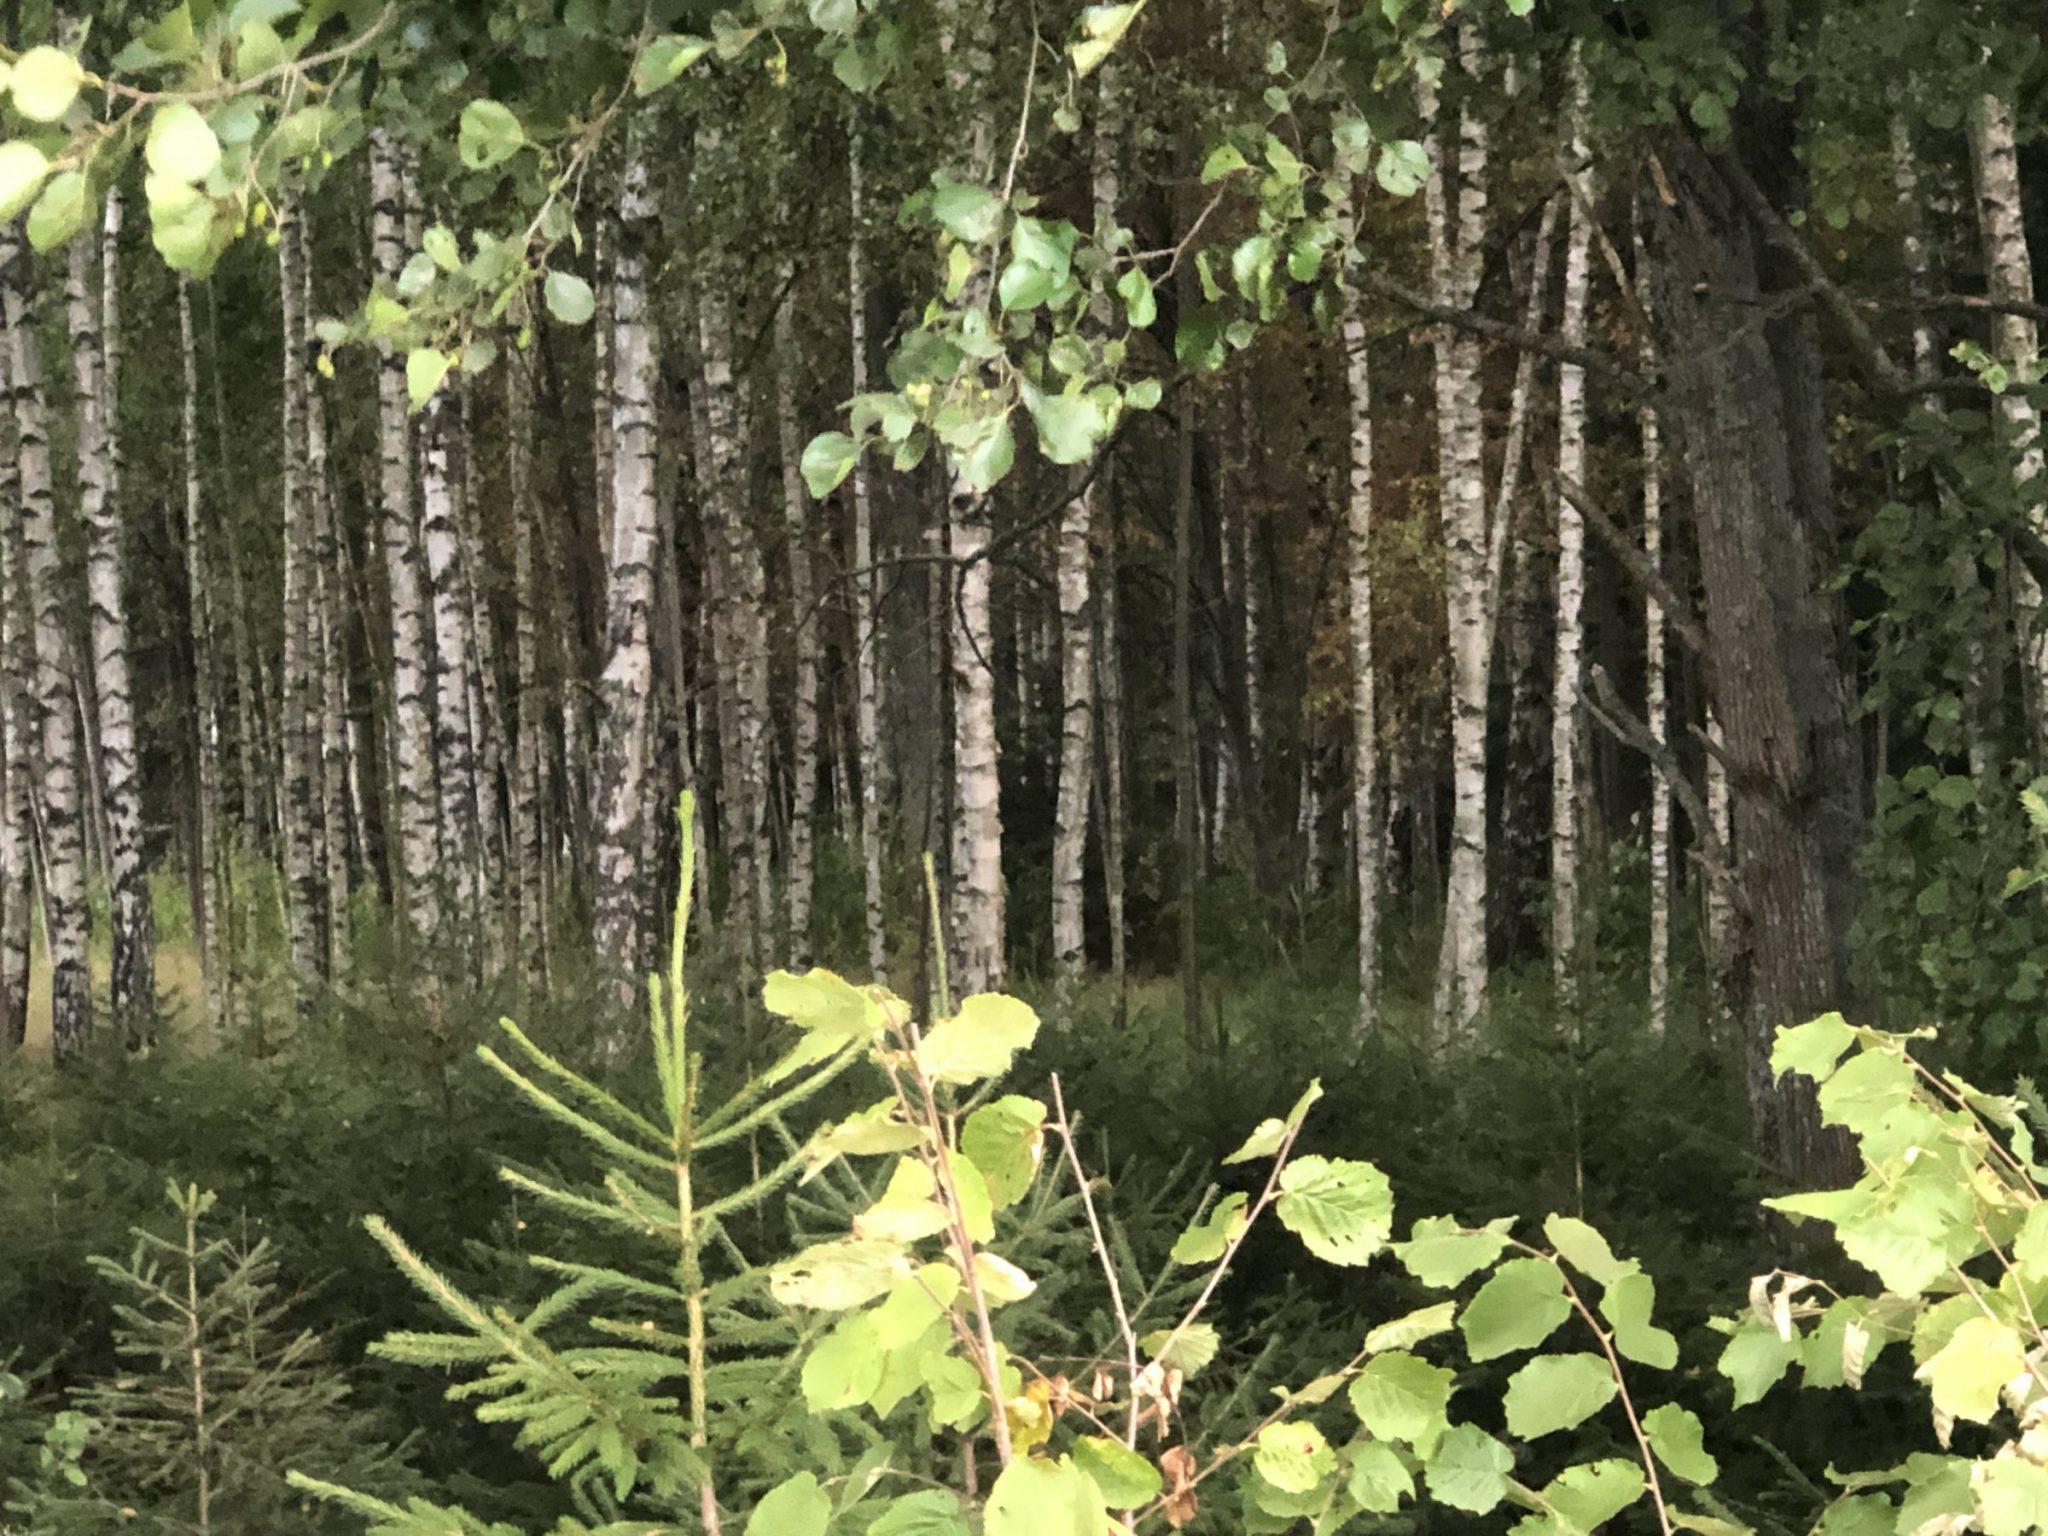 Mischwald mit Birken und Farn und Unterholz an der kurischen Nehrung in Pape